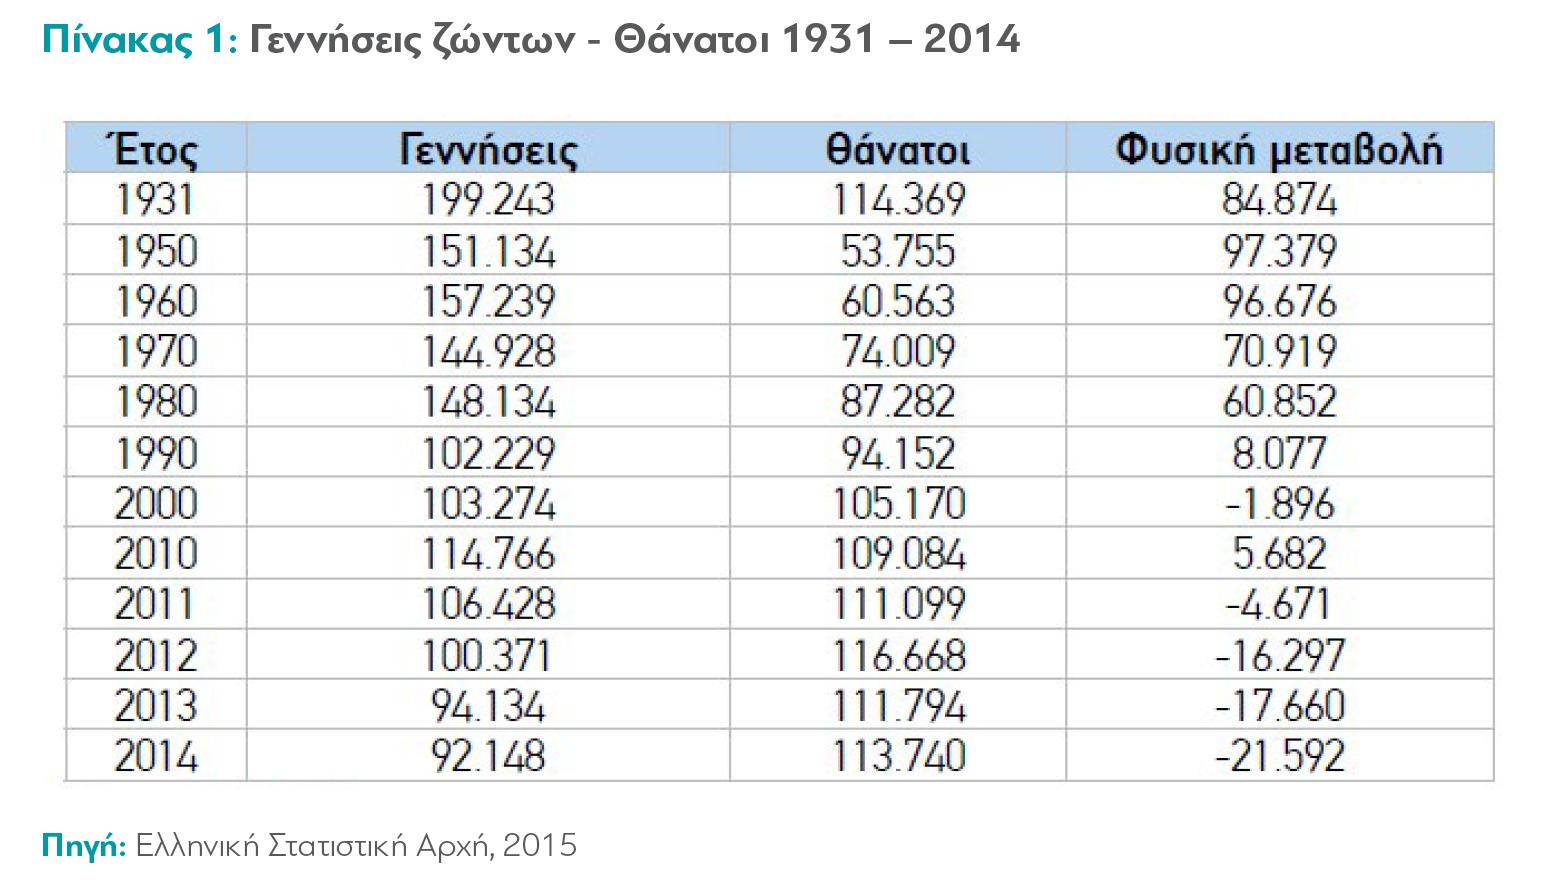 Δραματική αριθμητική ανατροπή φαίνεται πως πυροδότησε για τον πληθυσμό της Ελλάδας η οικονομική κρίση, που πλήττει από το 2010 τη χώρα.